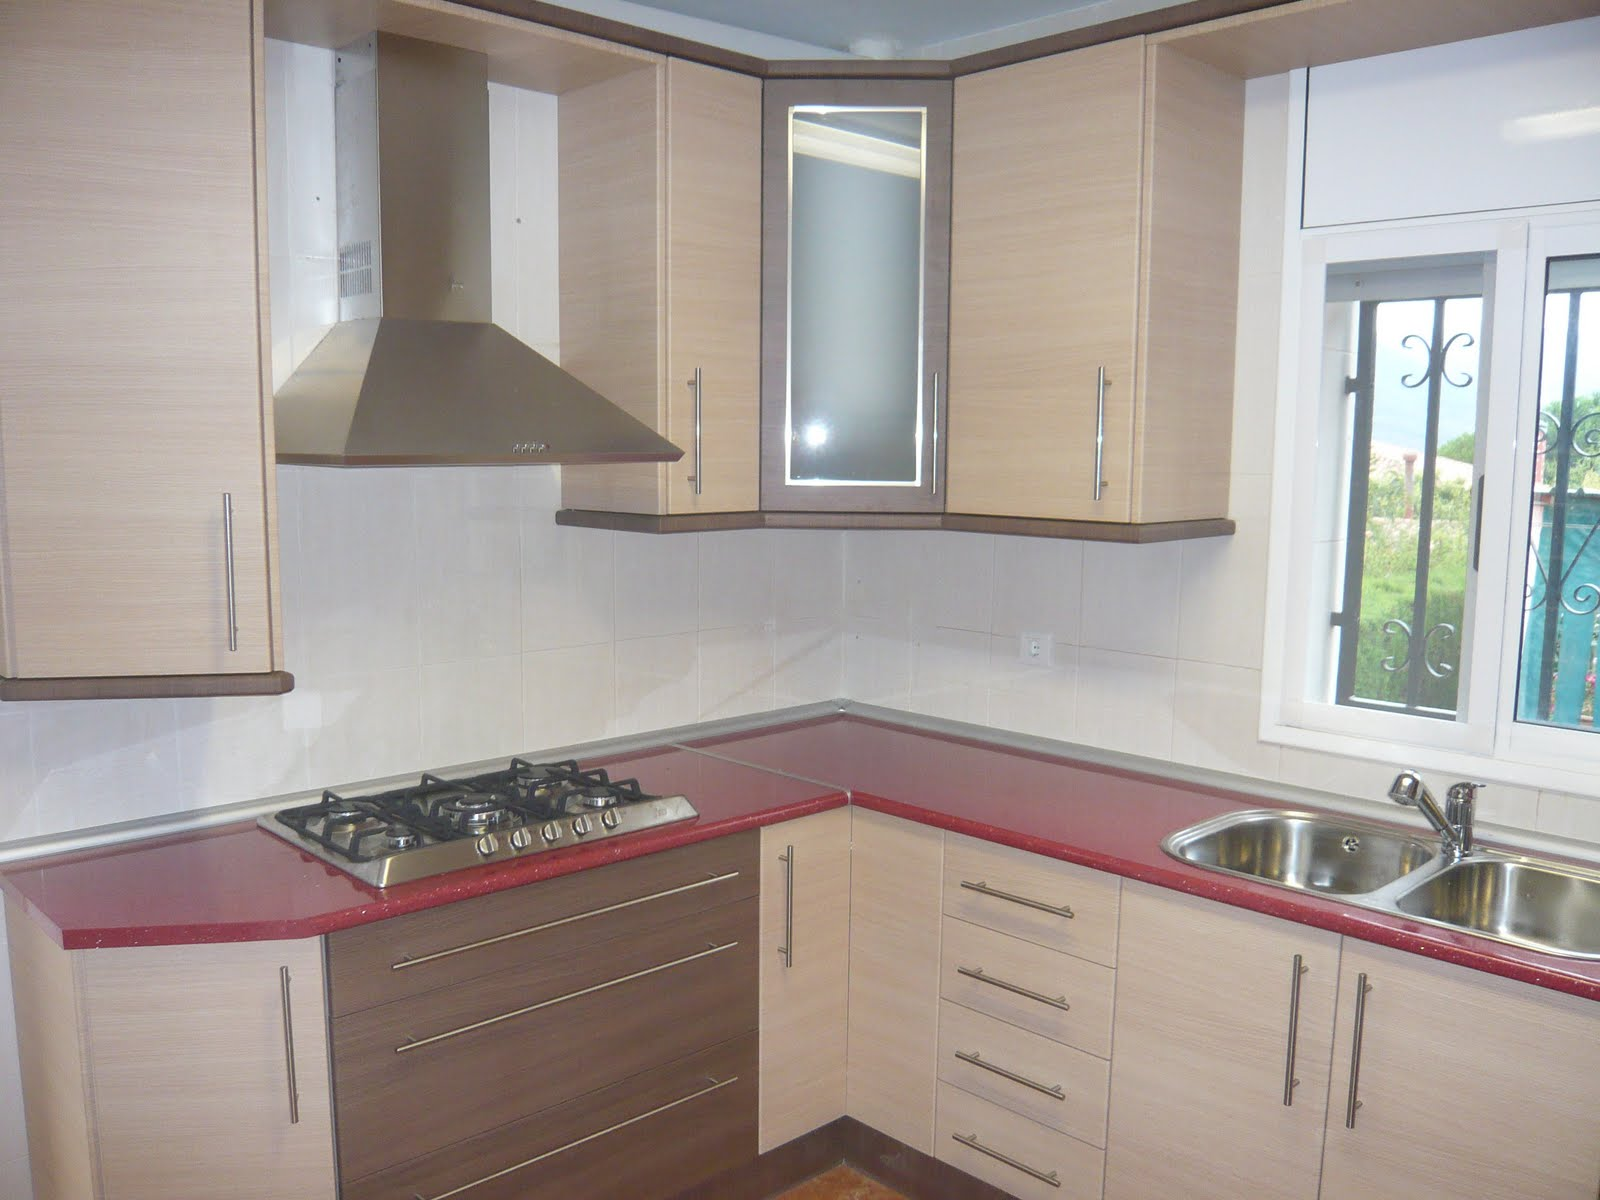 Reuscuina cocina de formica en color roble combinada - Cocinas de formica ...